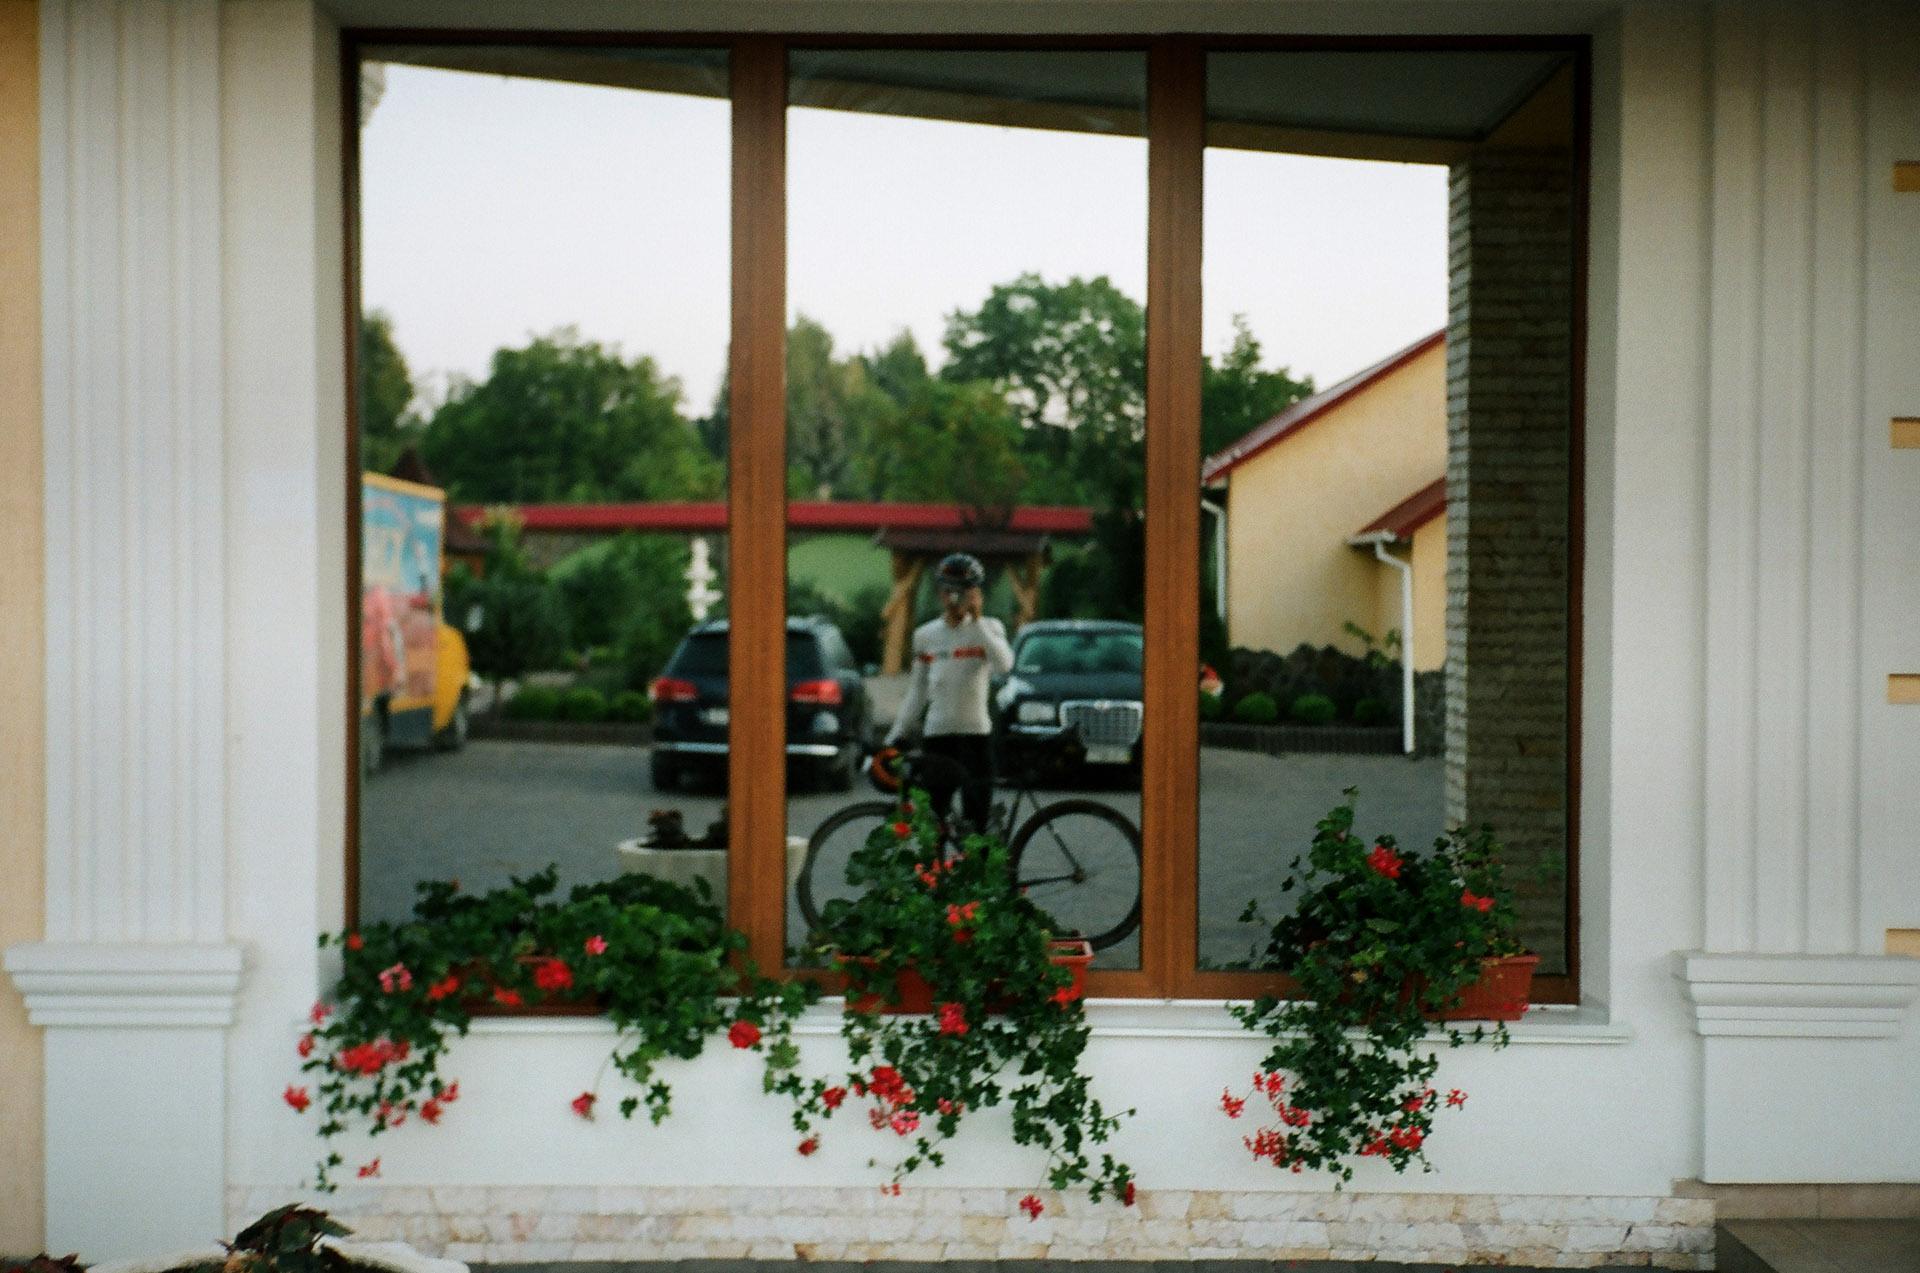 Людина, що стоїть перед вікном